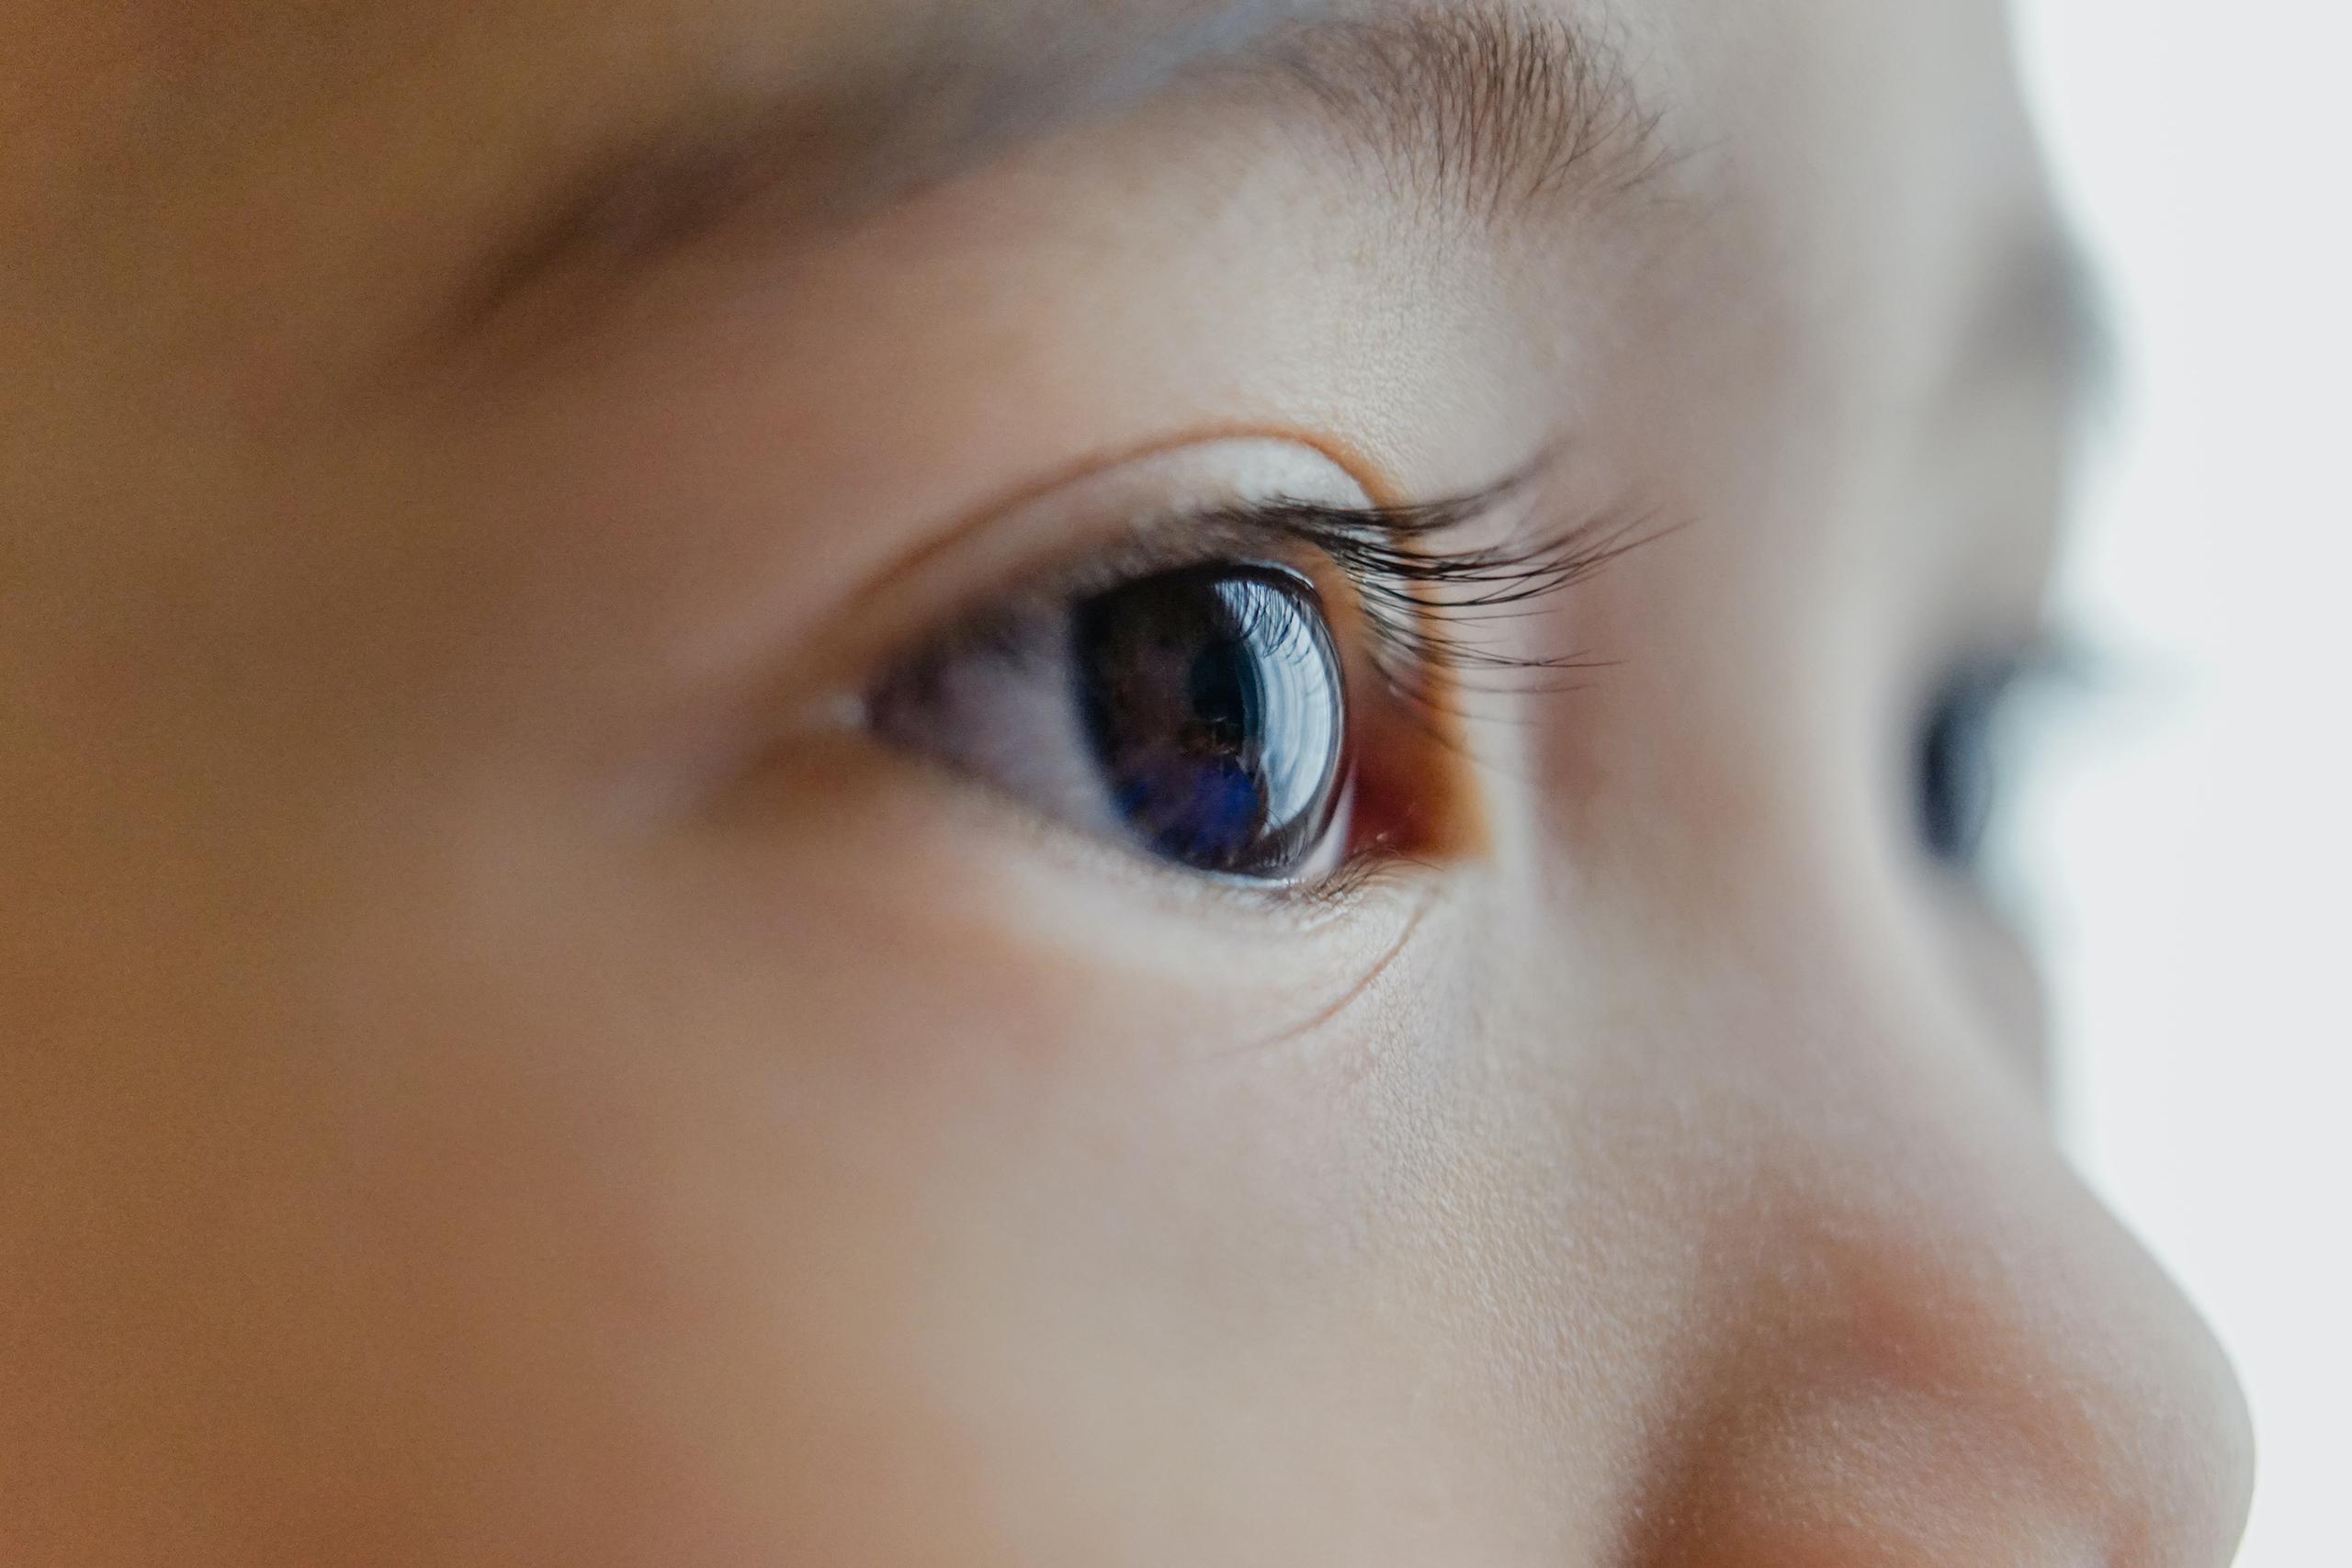 """Kinderoogarts Elsbeth Voskuil-Kerkhof: """"Voor mijn patiënten kan een bril op maat een positief verschil maken"""""""